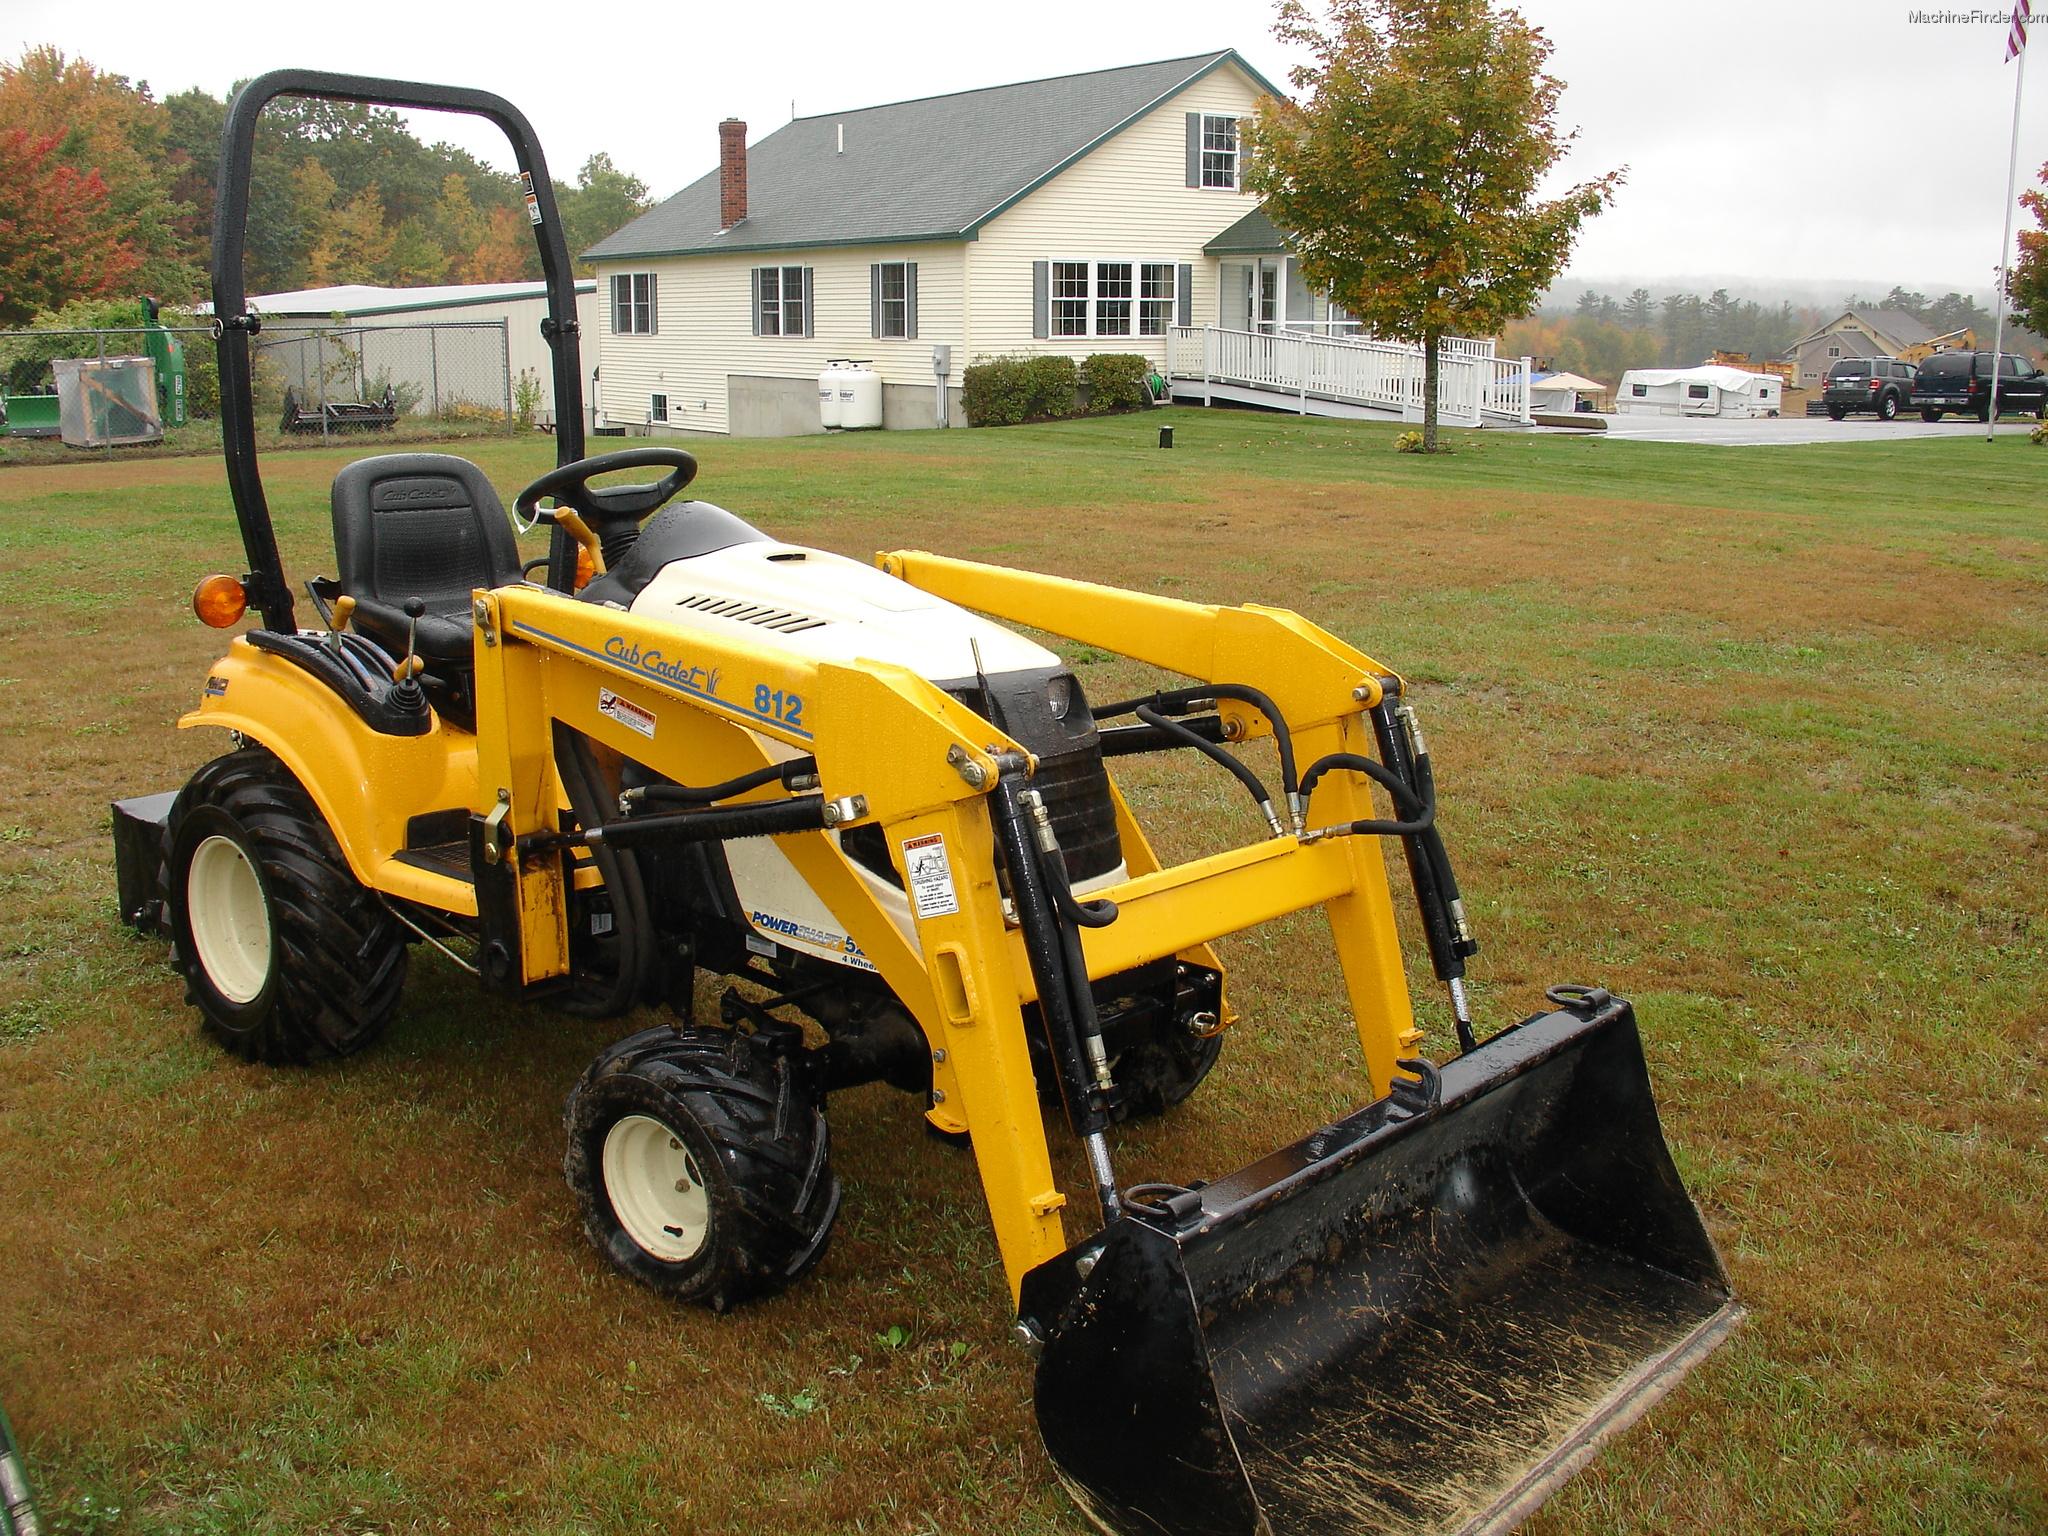 Cub Cadet Compact Tractors : Cub cadet d tractors compact hp john